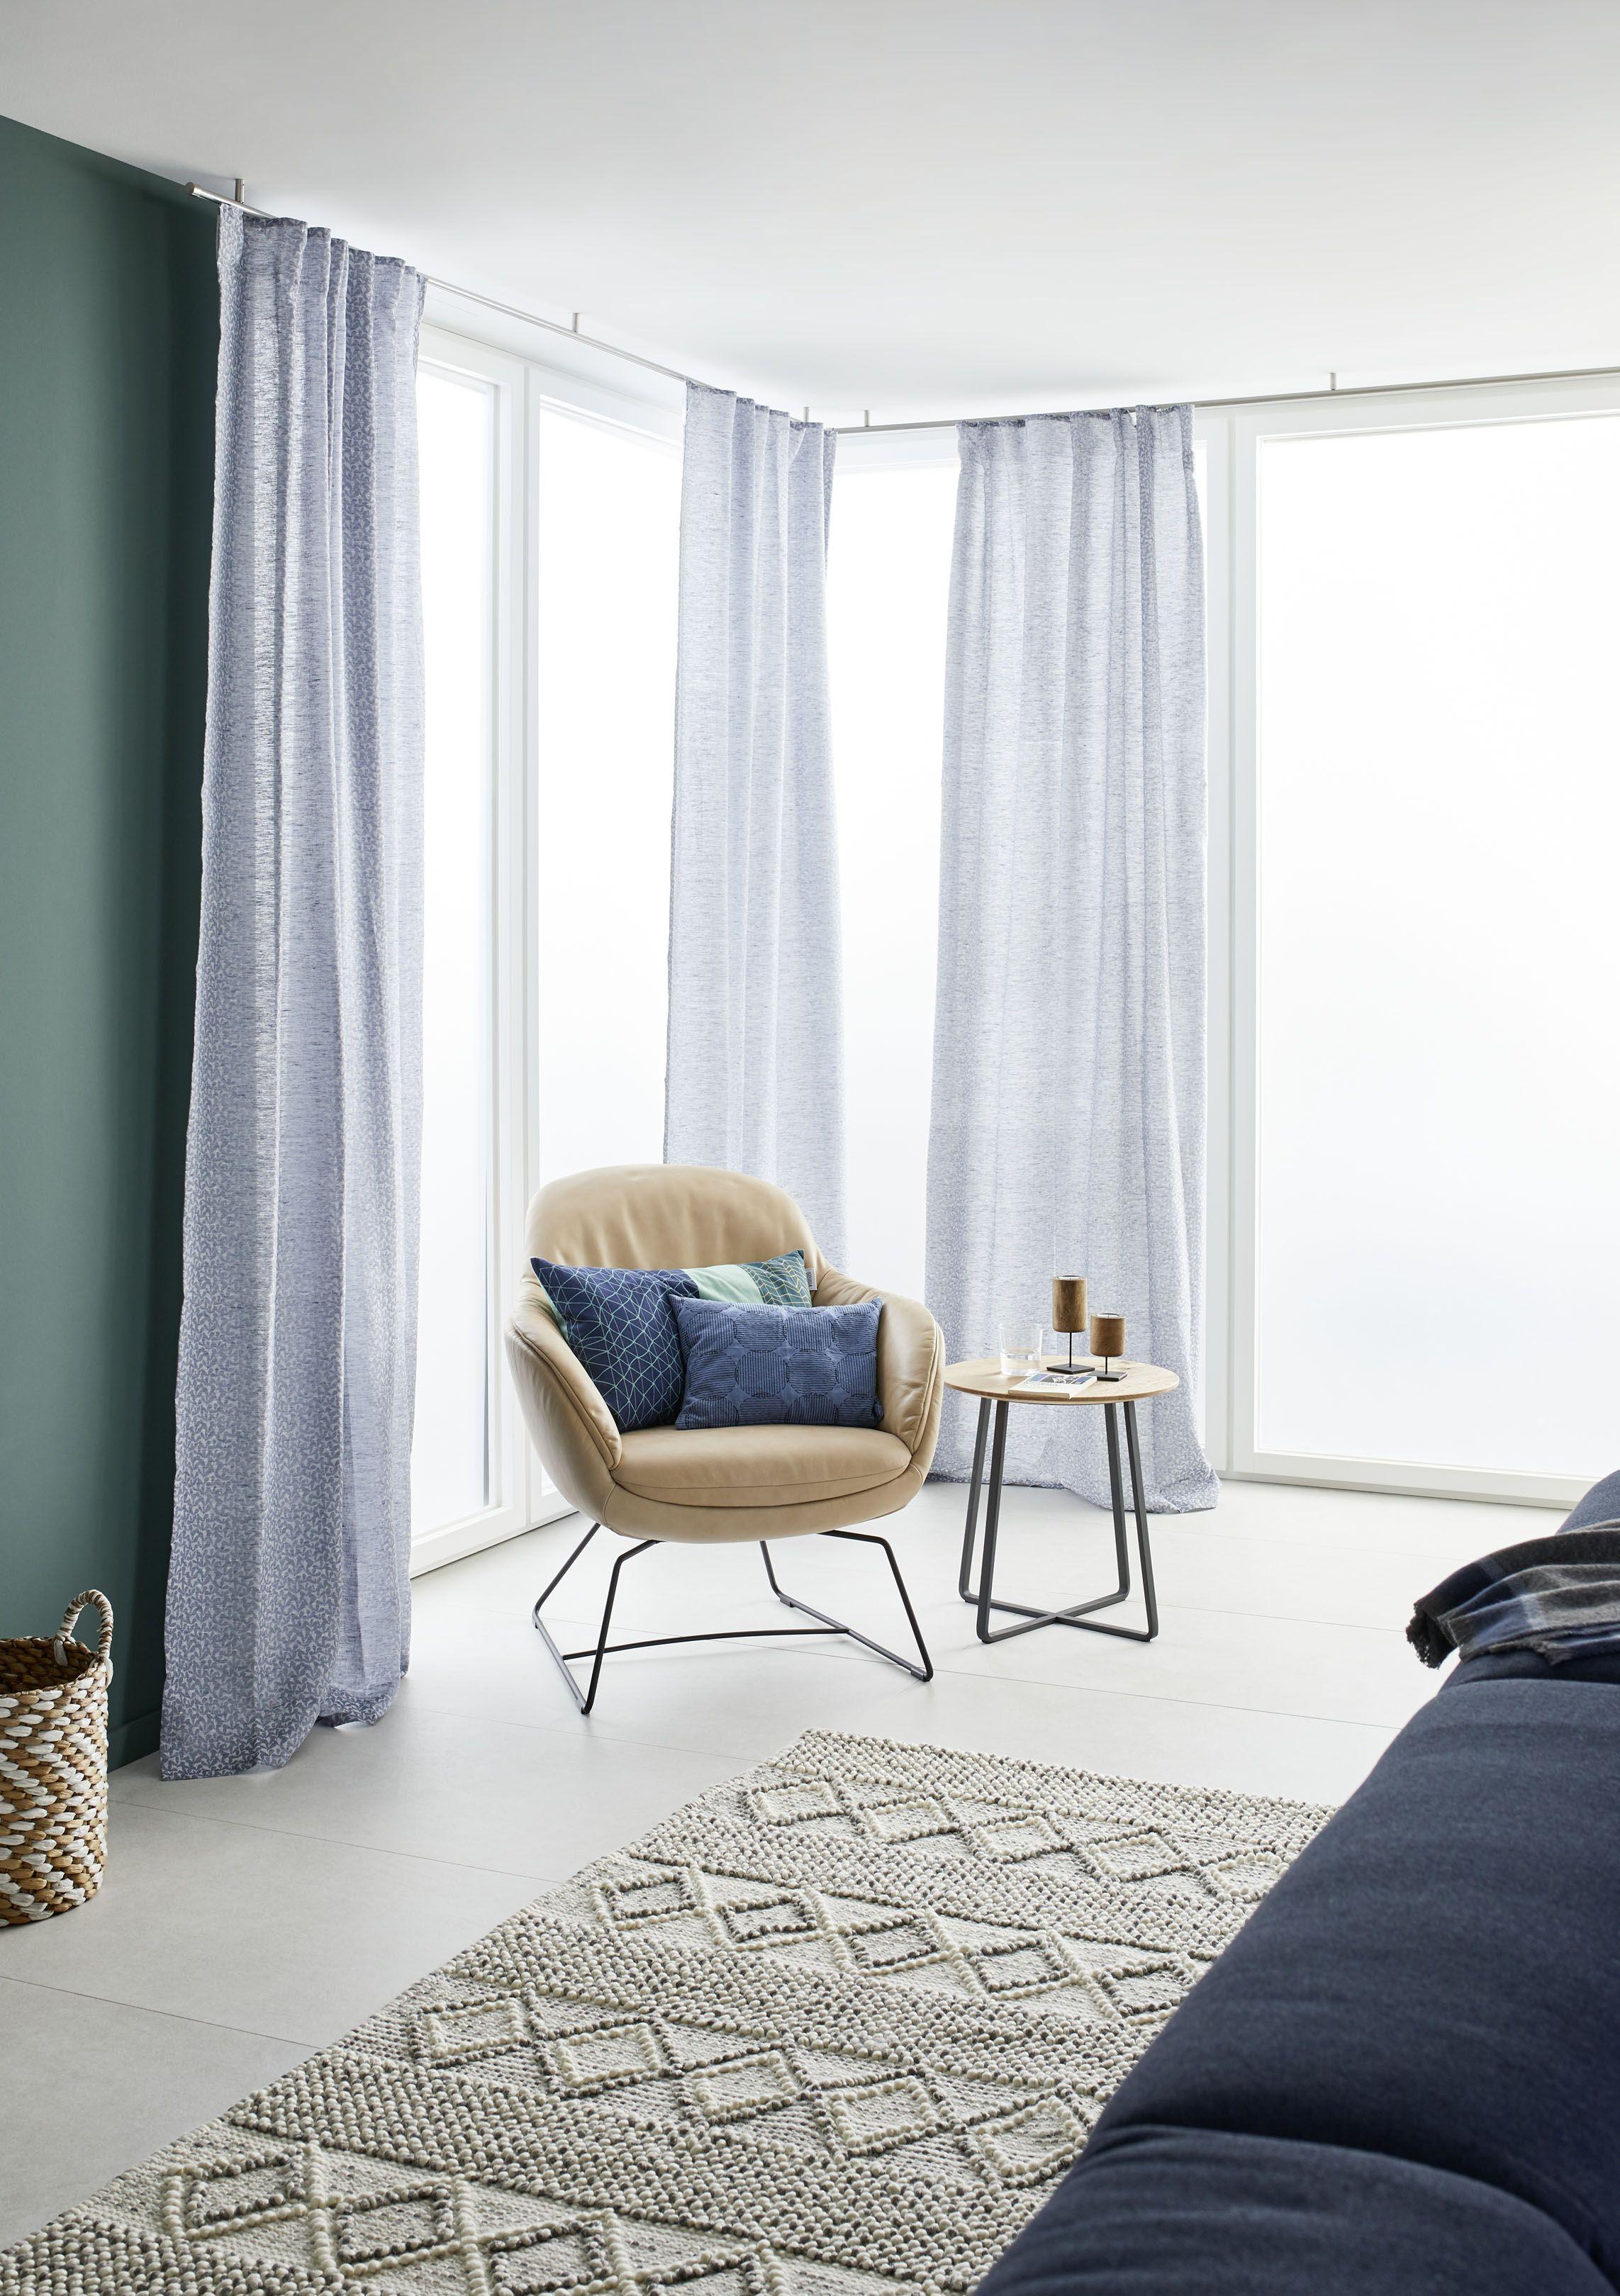 Schoner Wohnen Kollektion Sessel Glove Wohnen Schoner Wohnen Wohnzimmermobel